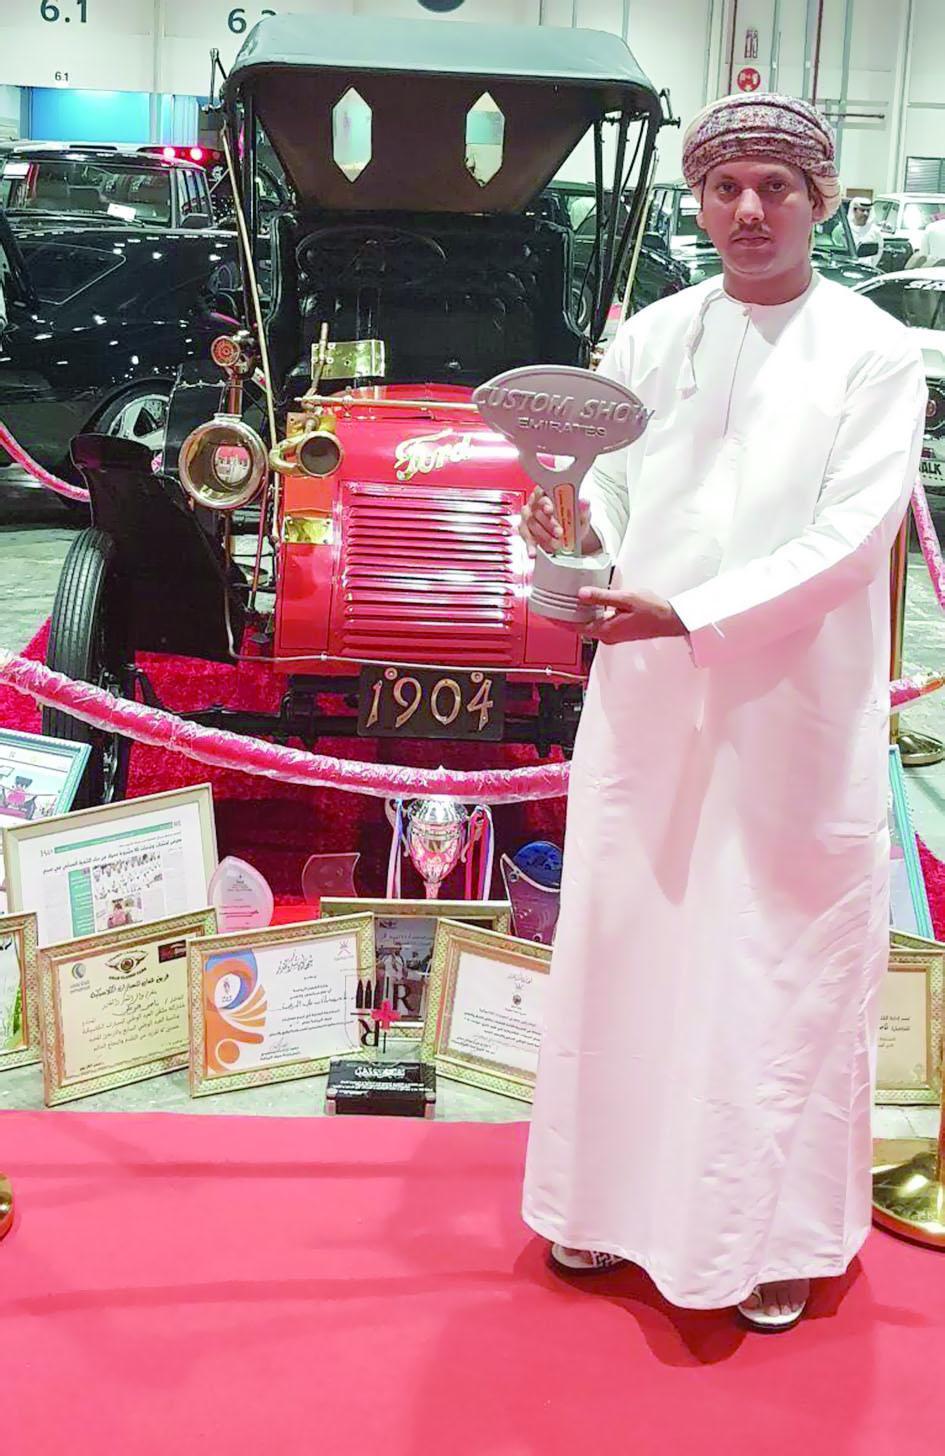 سيارة شاب عُماني.. تخطف لقب أفضل سيارة كلاسيكية بالشرق الأوسط